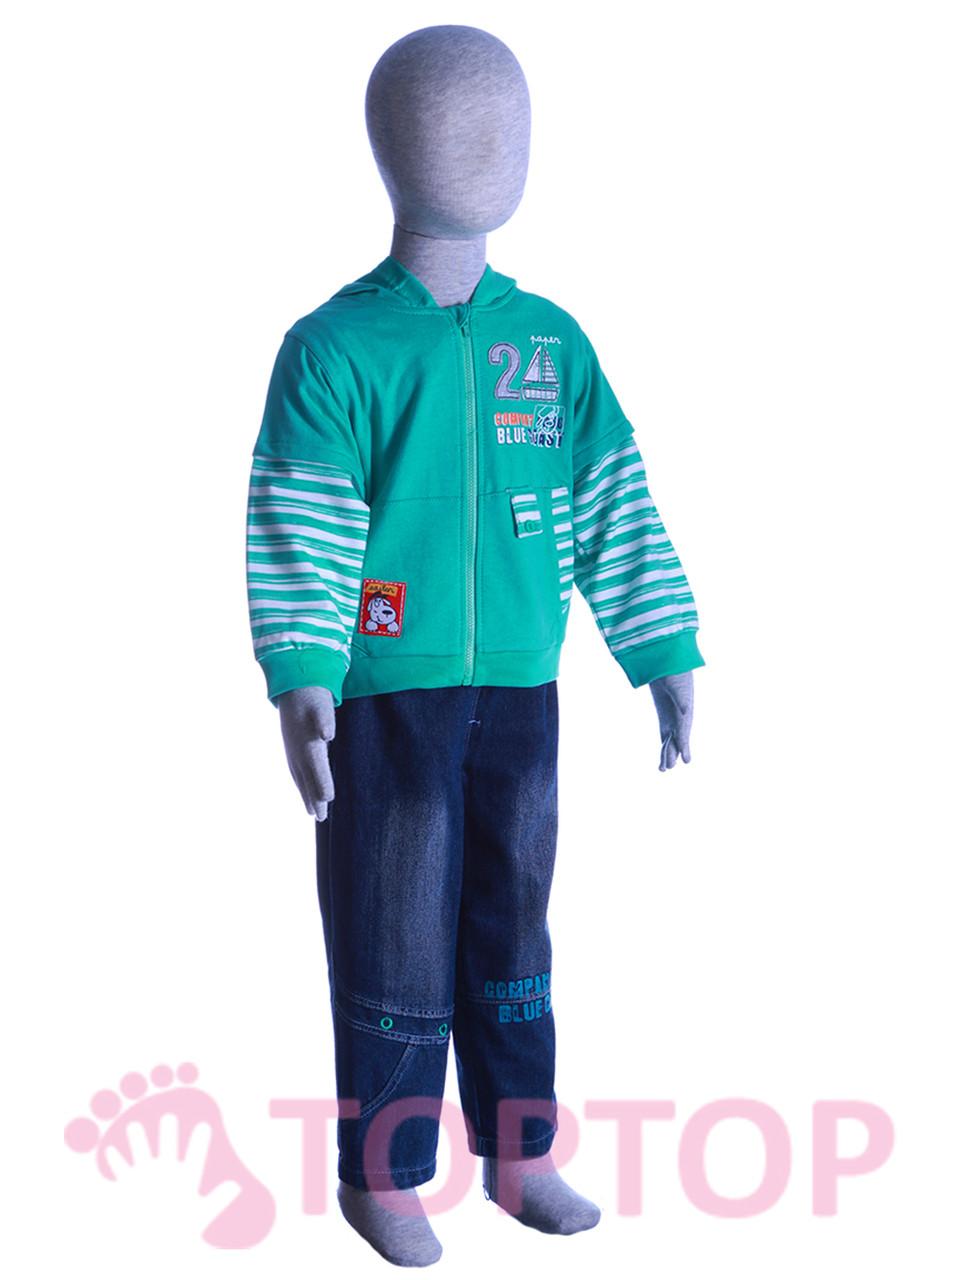 Костюм с джинсовыми брюками, зеленый (6 мес - 2 года)